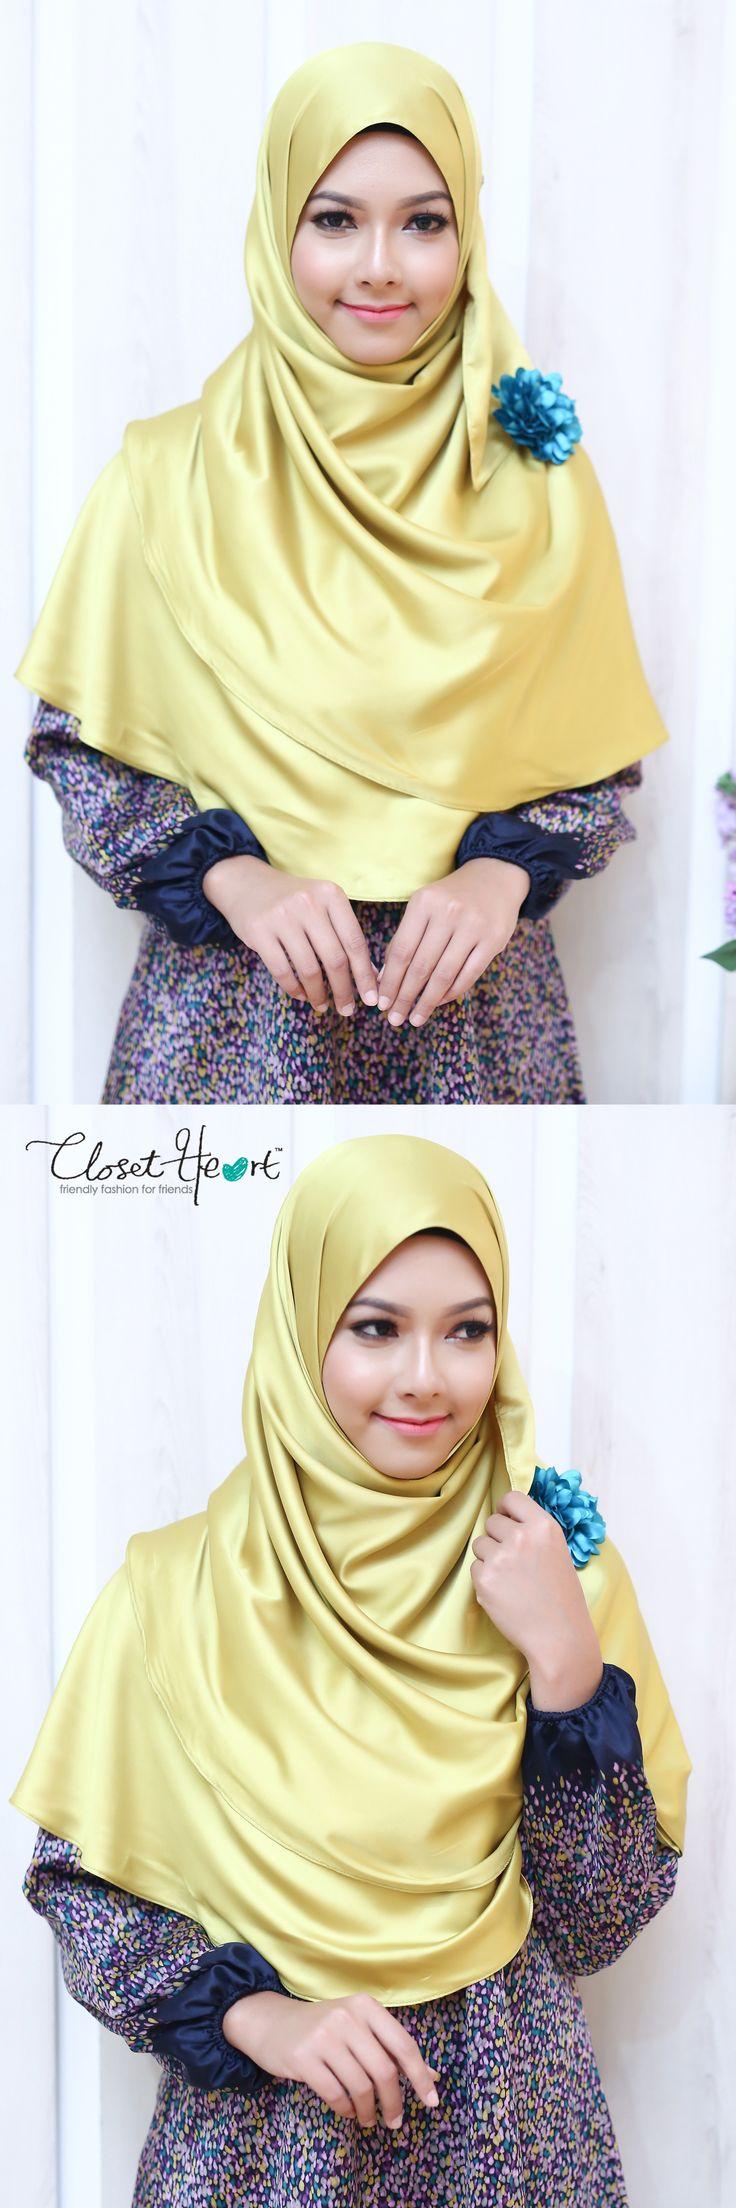 Model Hijab Closet Heart Facebook: Closet Heart Official Instagram: Closet Heart